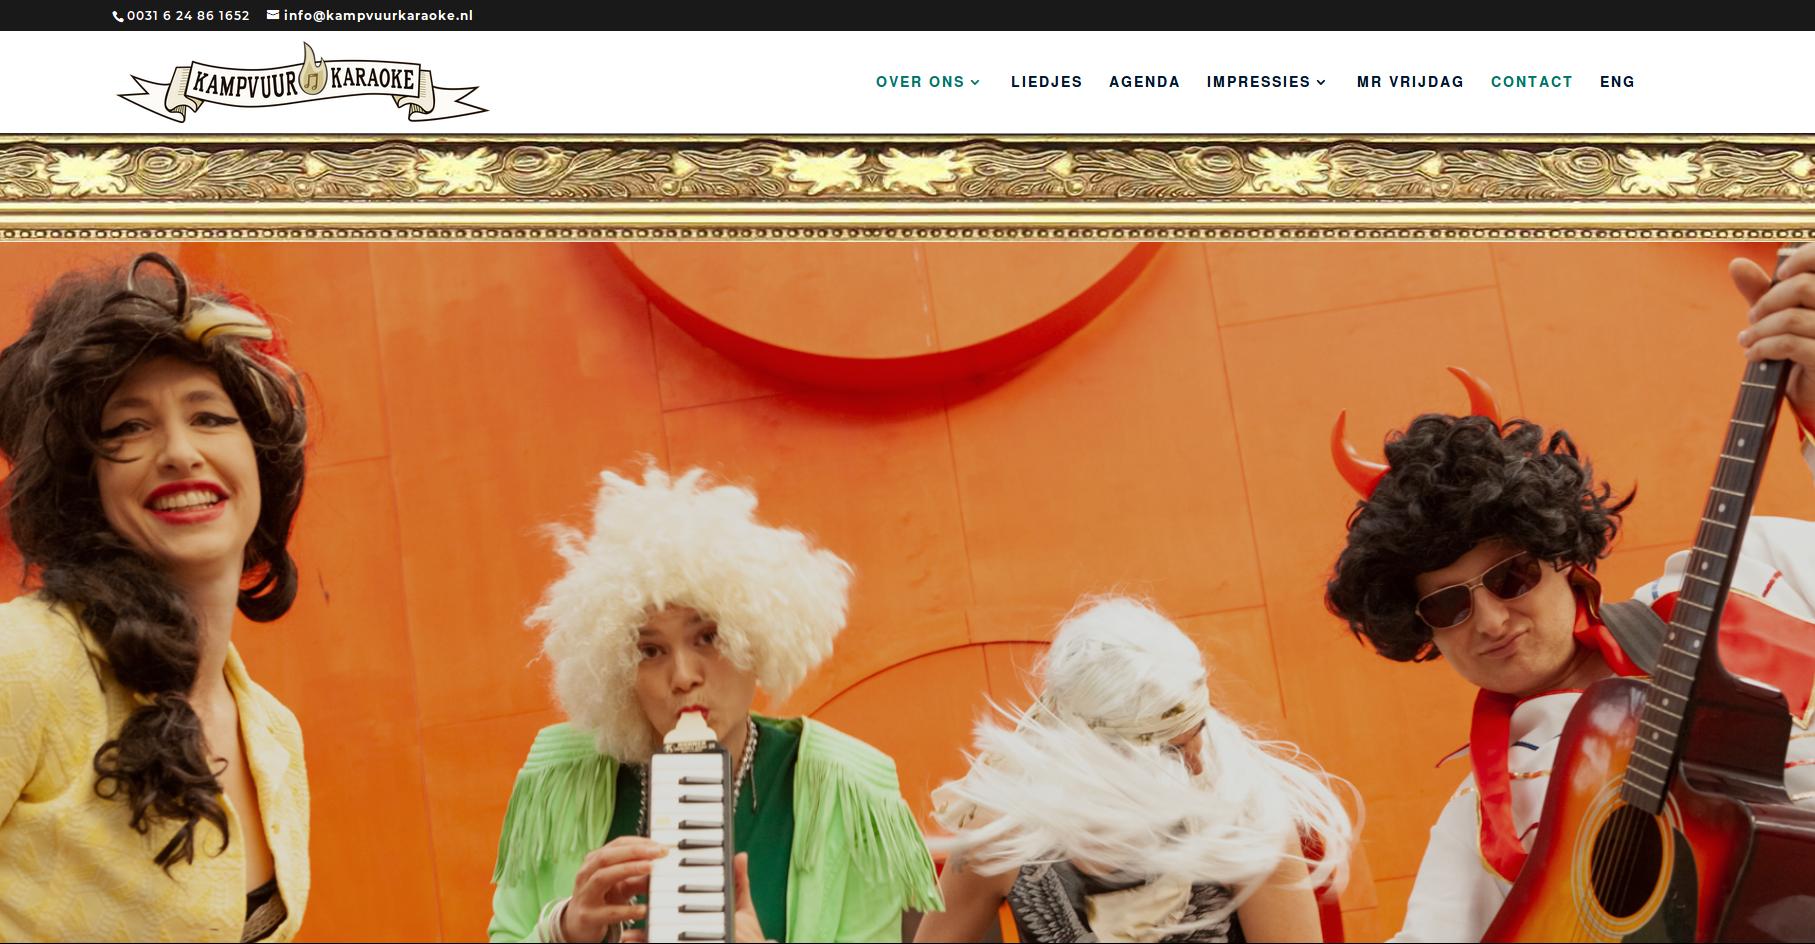 KAMPVUUR KARAOKE homepage